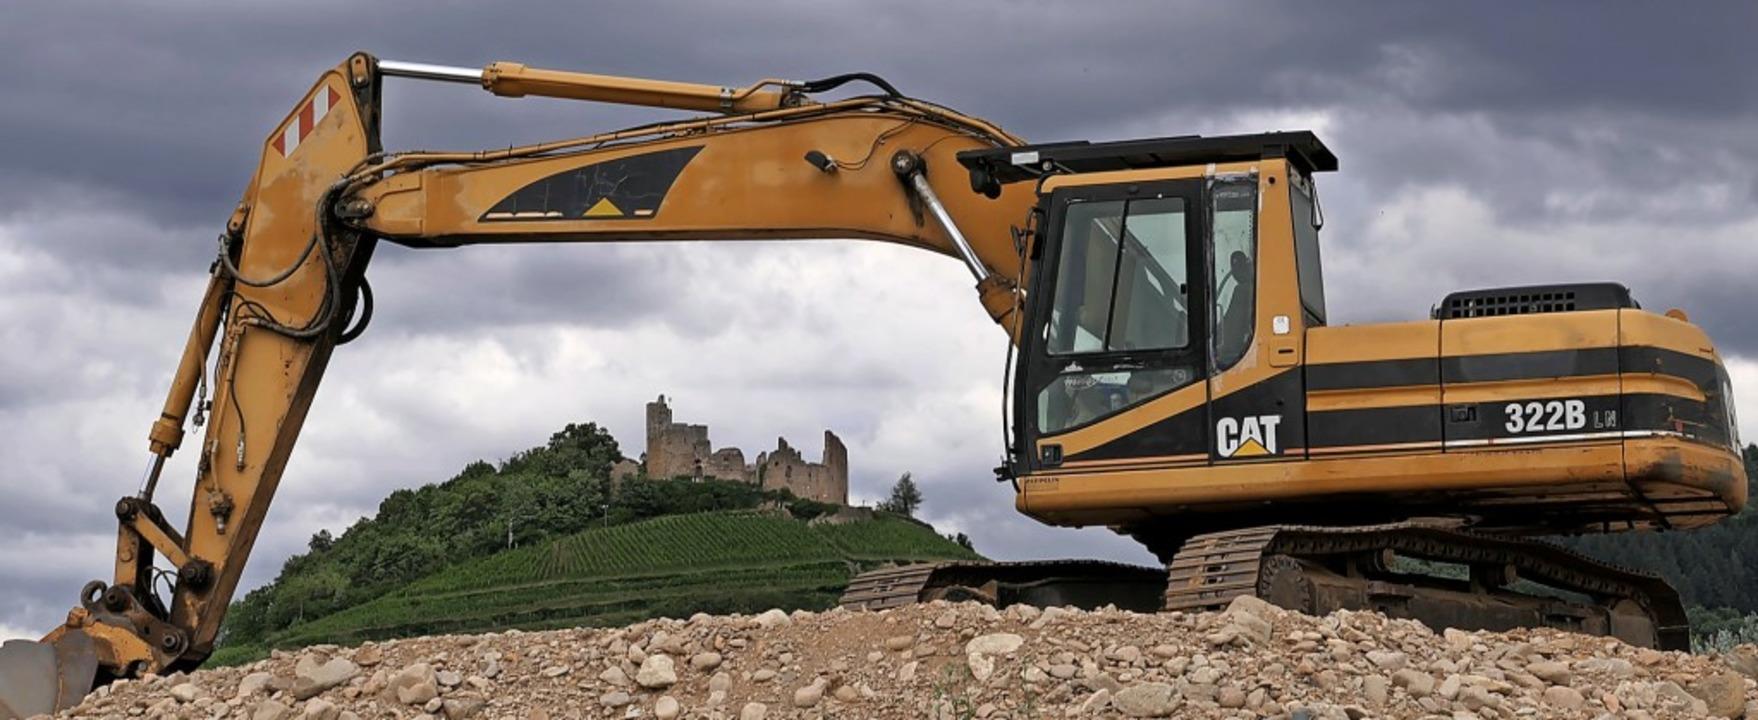 Zum Bauen im Gaisgraben in Staufen gil...ge bürokratische Hürden zu überwinden.  | Foto: Hans-Peter Müller